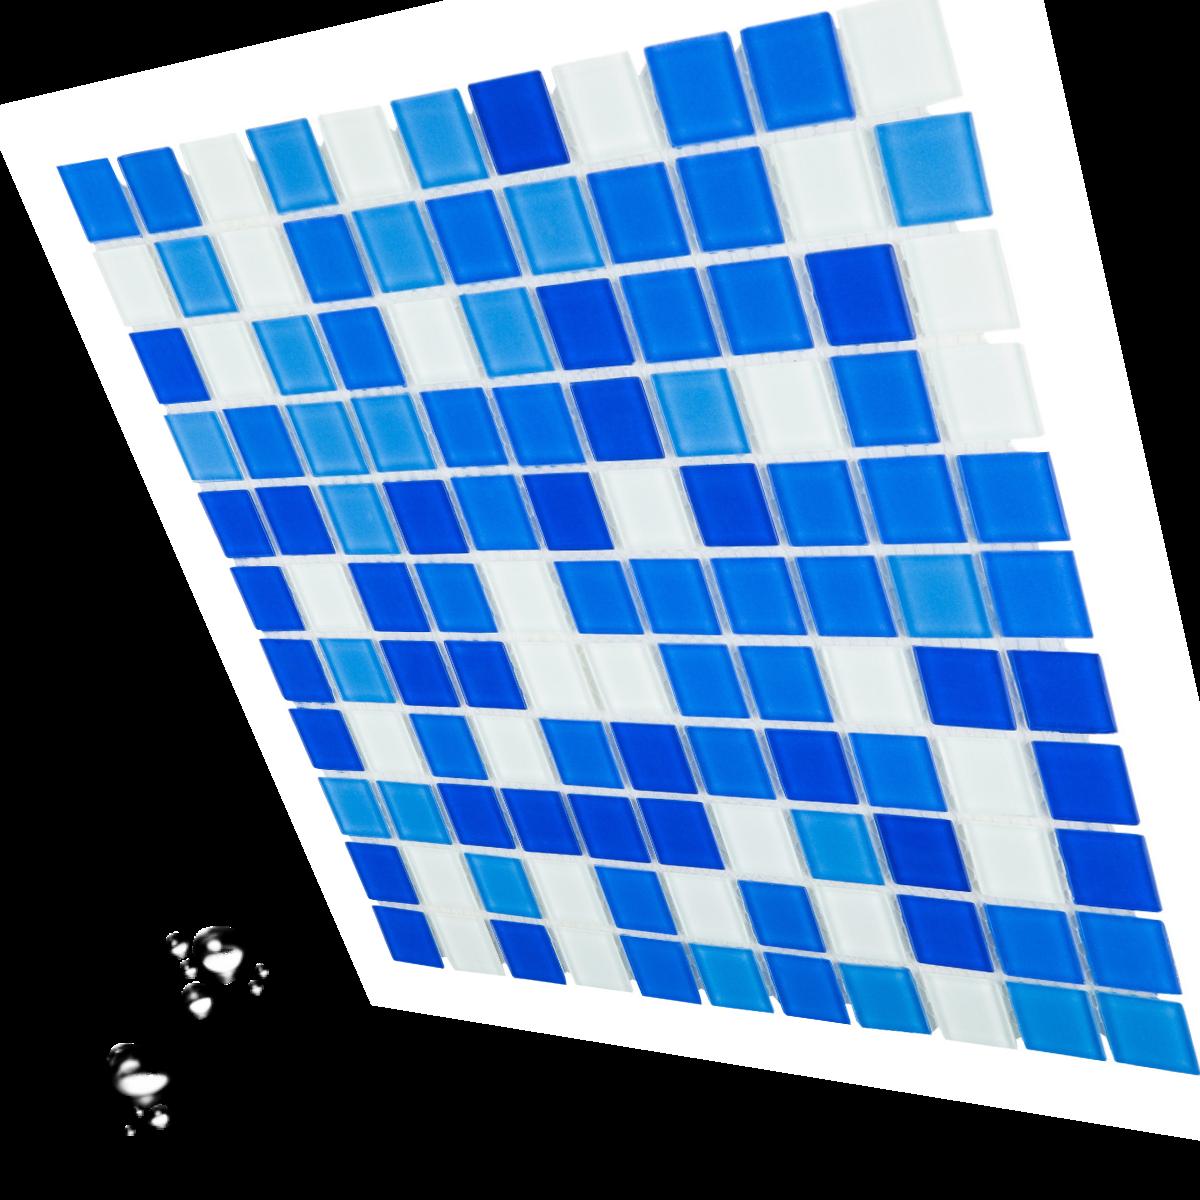 Мозаика стеклянная Aquaviva Cristall Bagama Light DCM178/304 для бассейна бани СПА